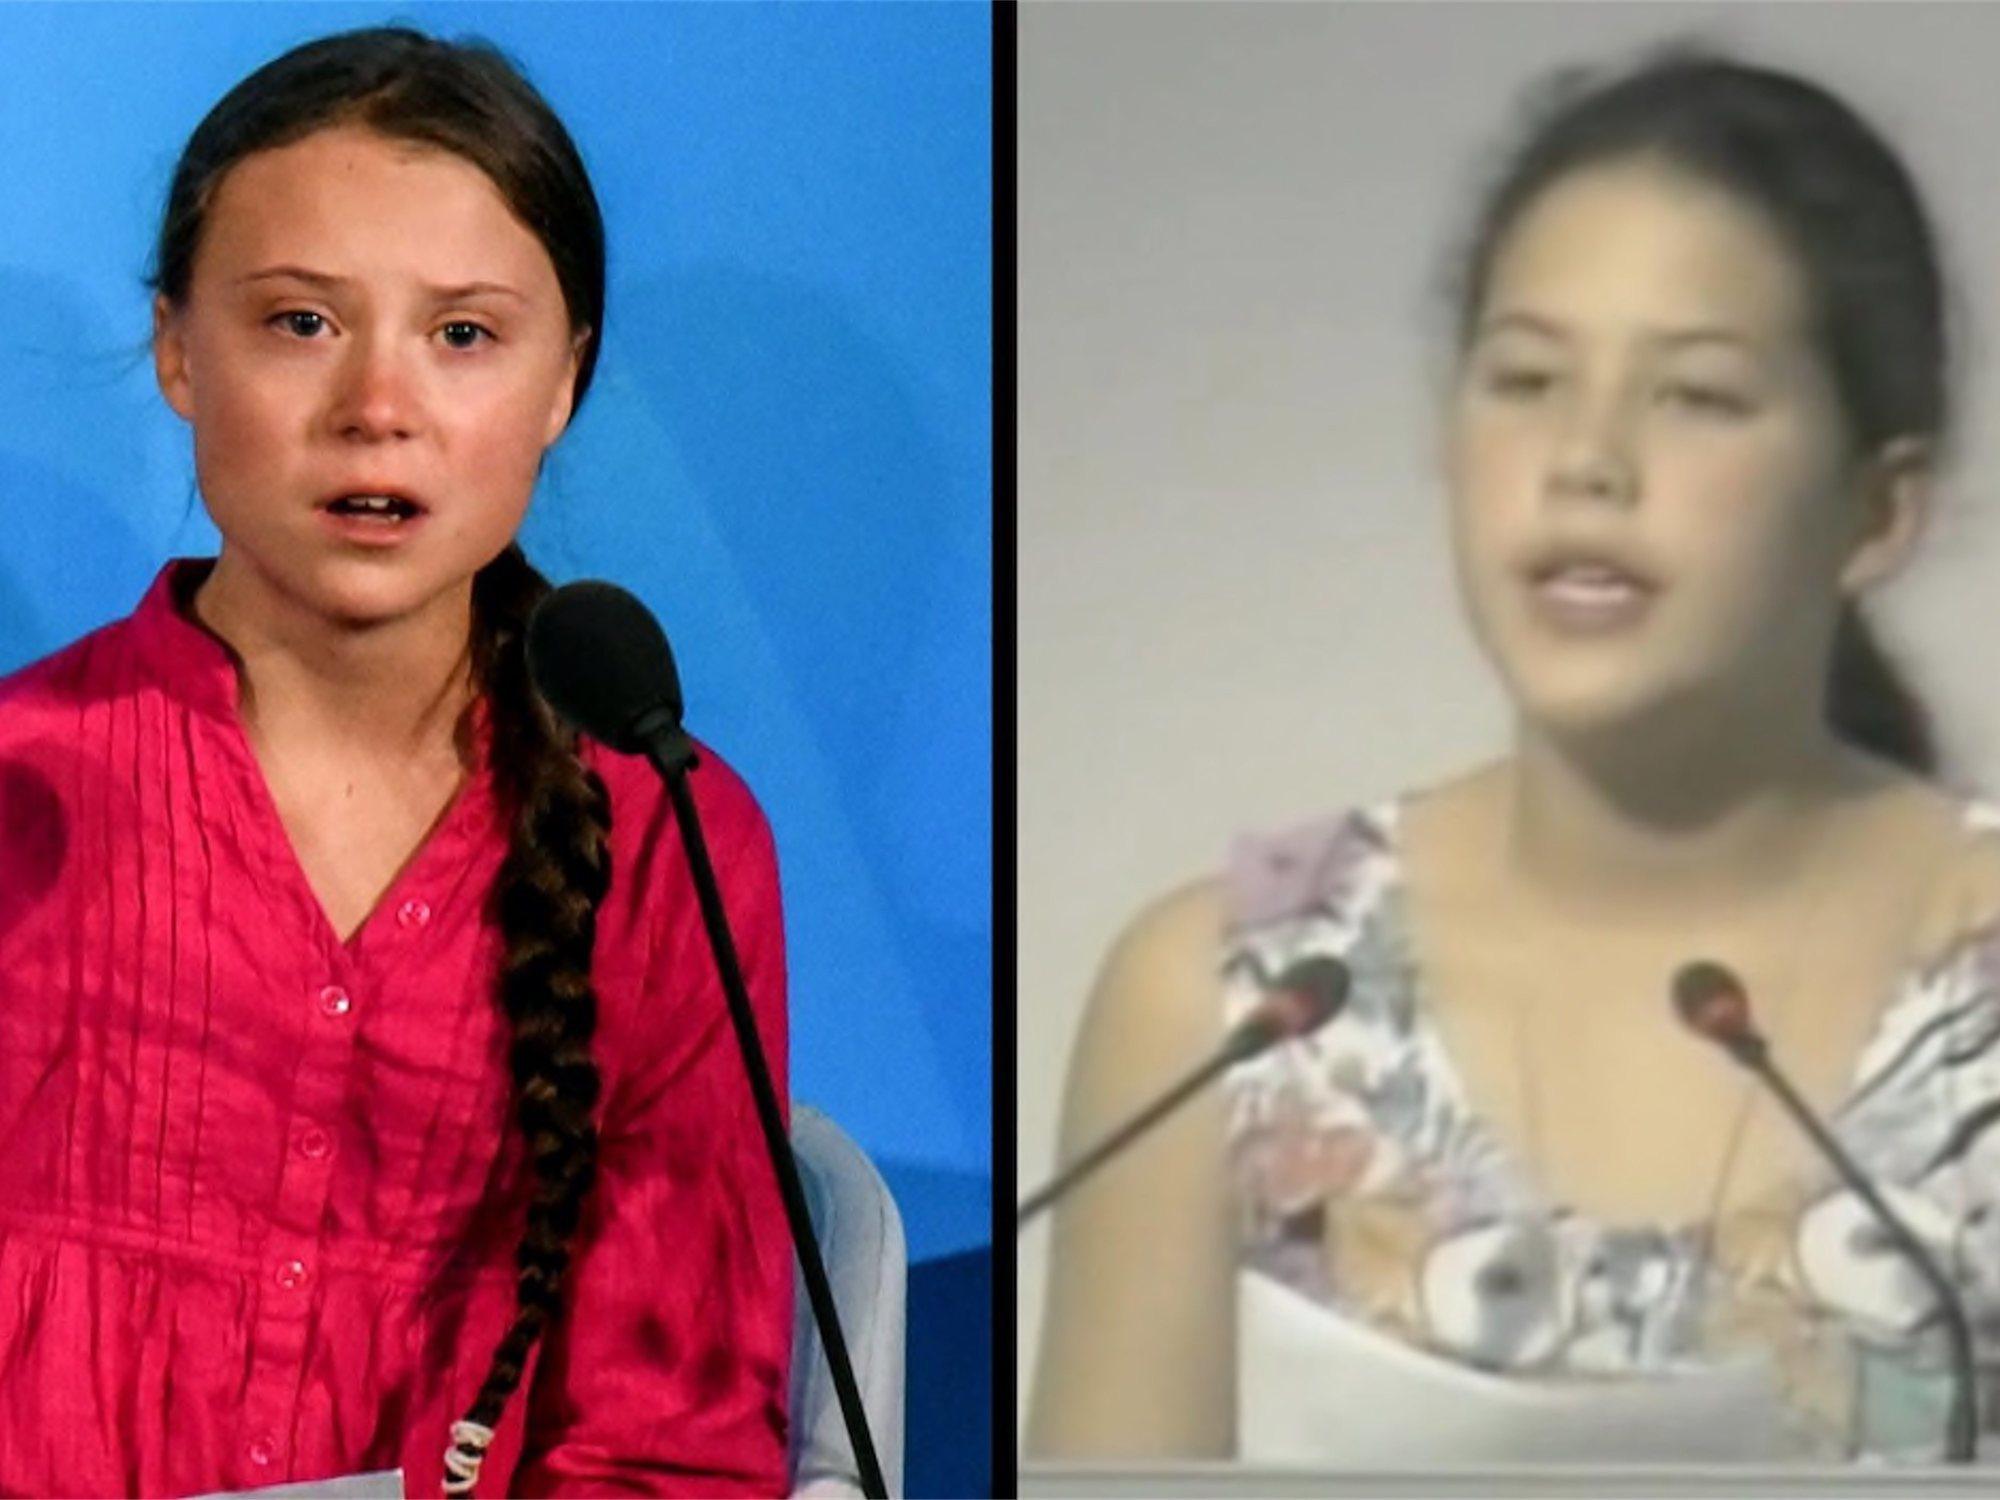 Severn Cullis-Suzuki, la Greta Thunberg de los noventa que el mundo ignoró